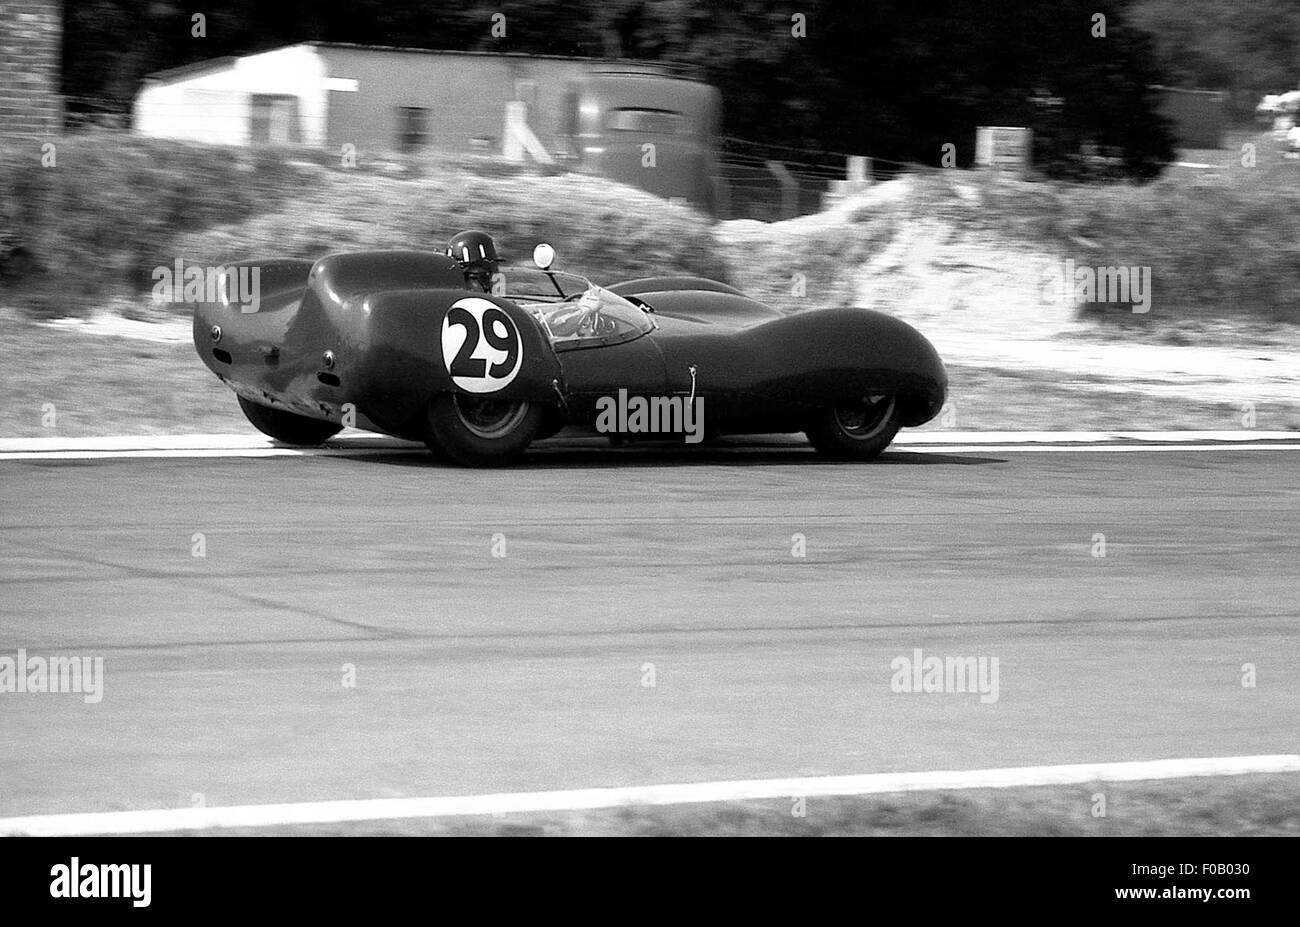 Tourist Trophy Goodwood el 5 de septiembre de 1959. Graham Hill,Alan Stacey Lotus 15 clímax. Imagen De Stock